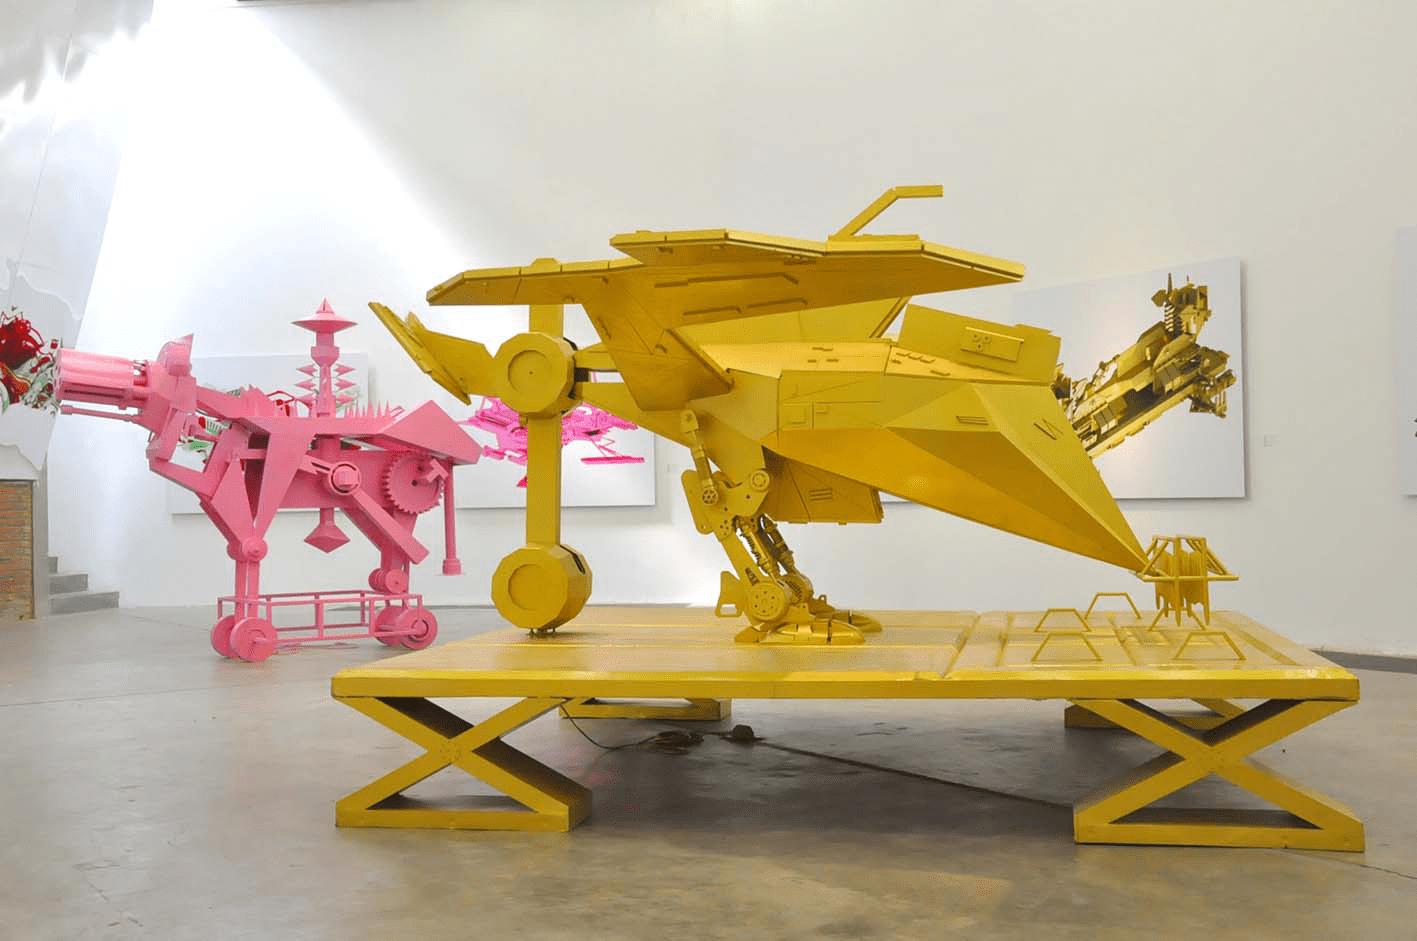 中国名人排行榜:中国近代文化名人排行榜 2020艺术